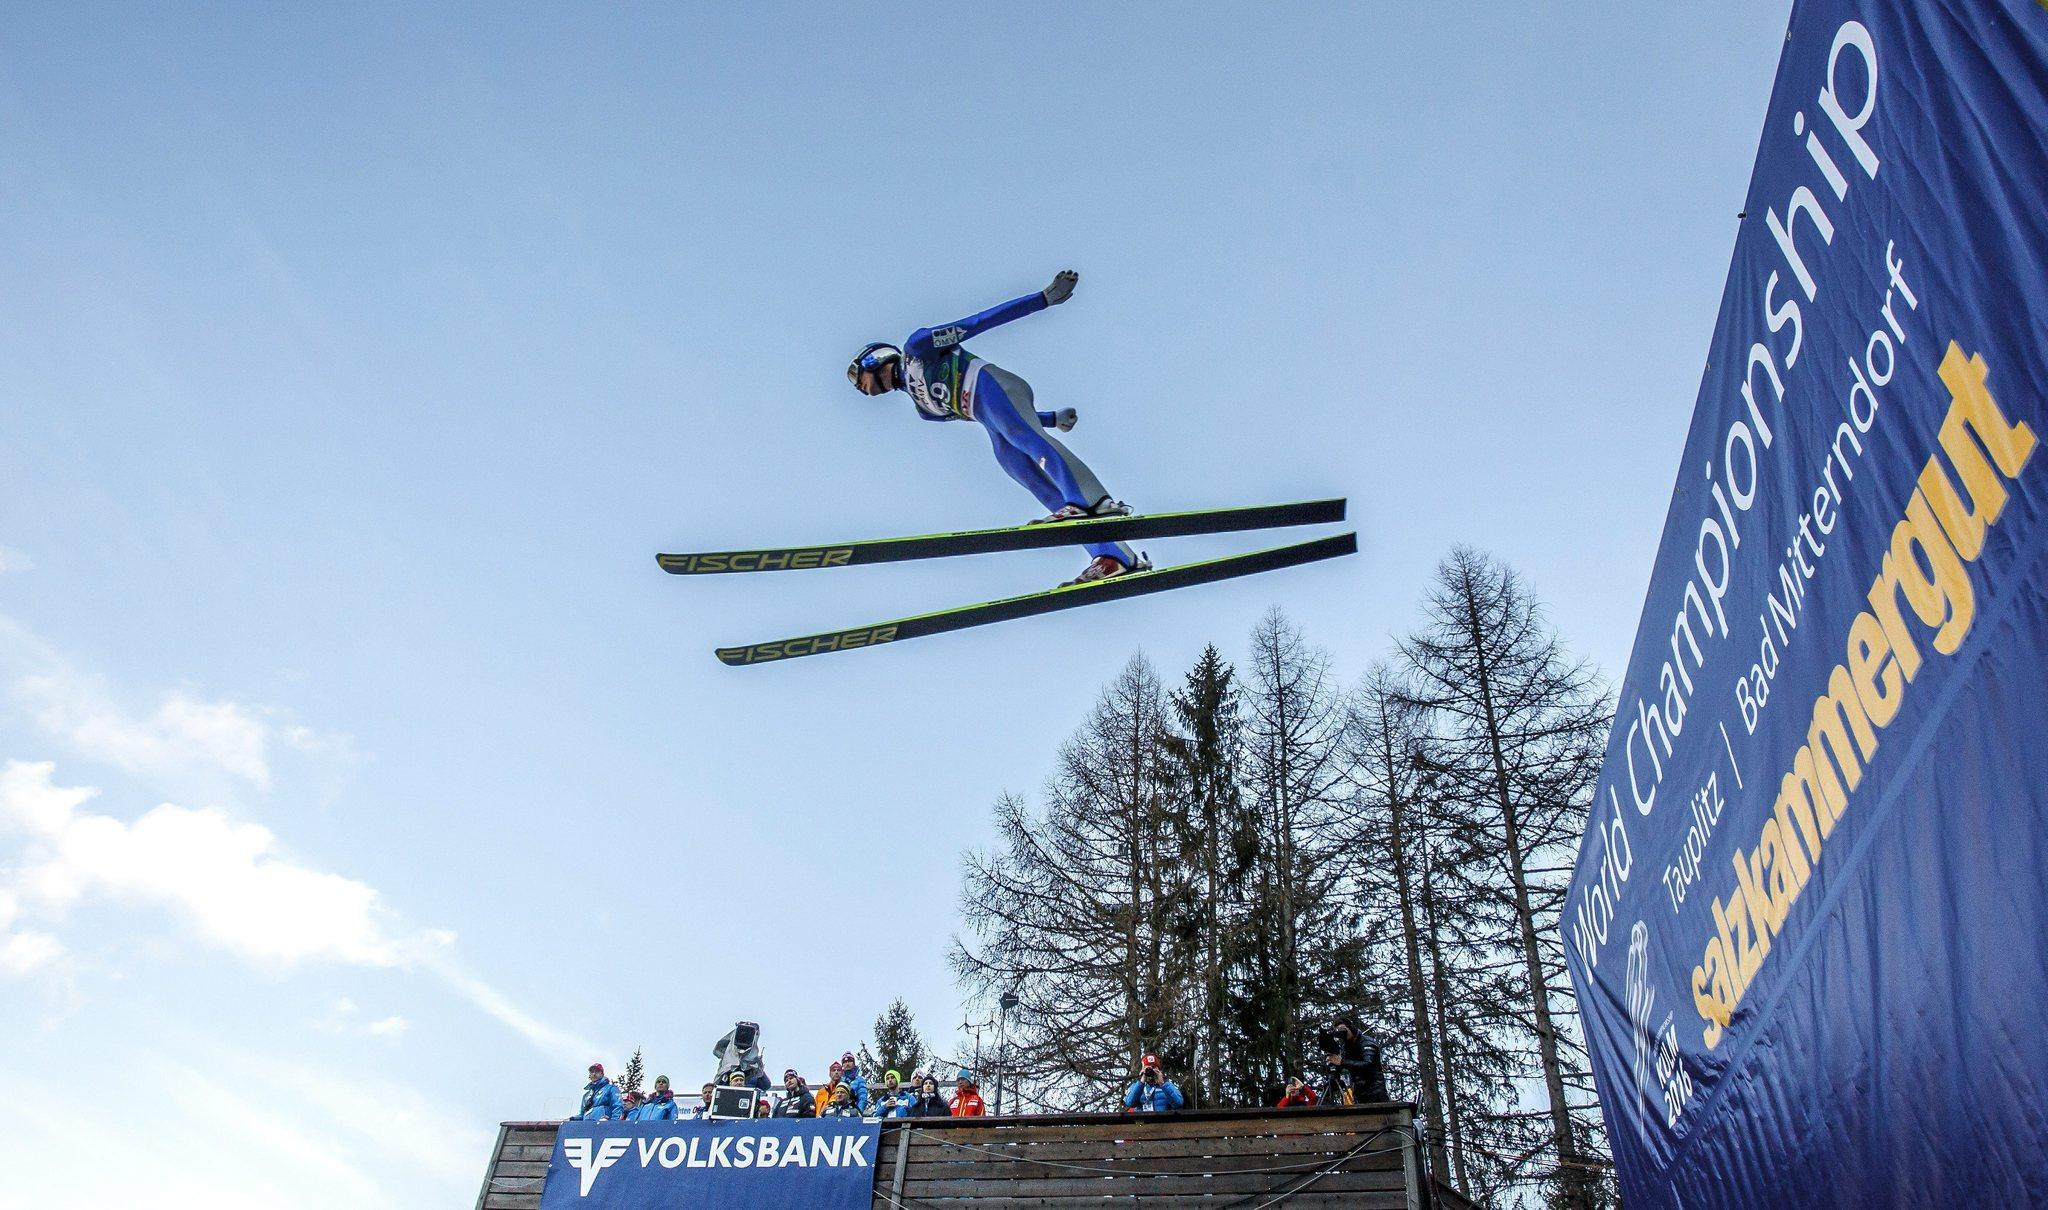 Gregor Schlierenzauer of Austria is airborne during the Ski Jumping World Cup at the Kulm, Bad Mitterndorf, Austria. (Erwin Scheriau/EPA Photo)